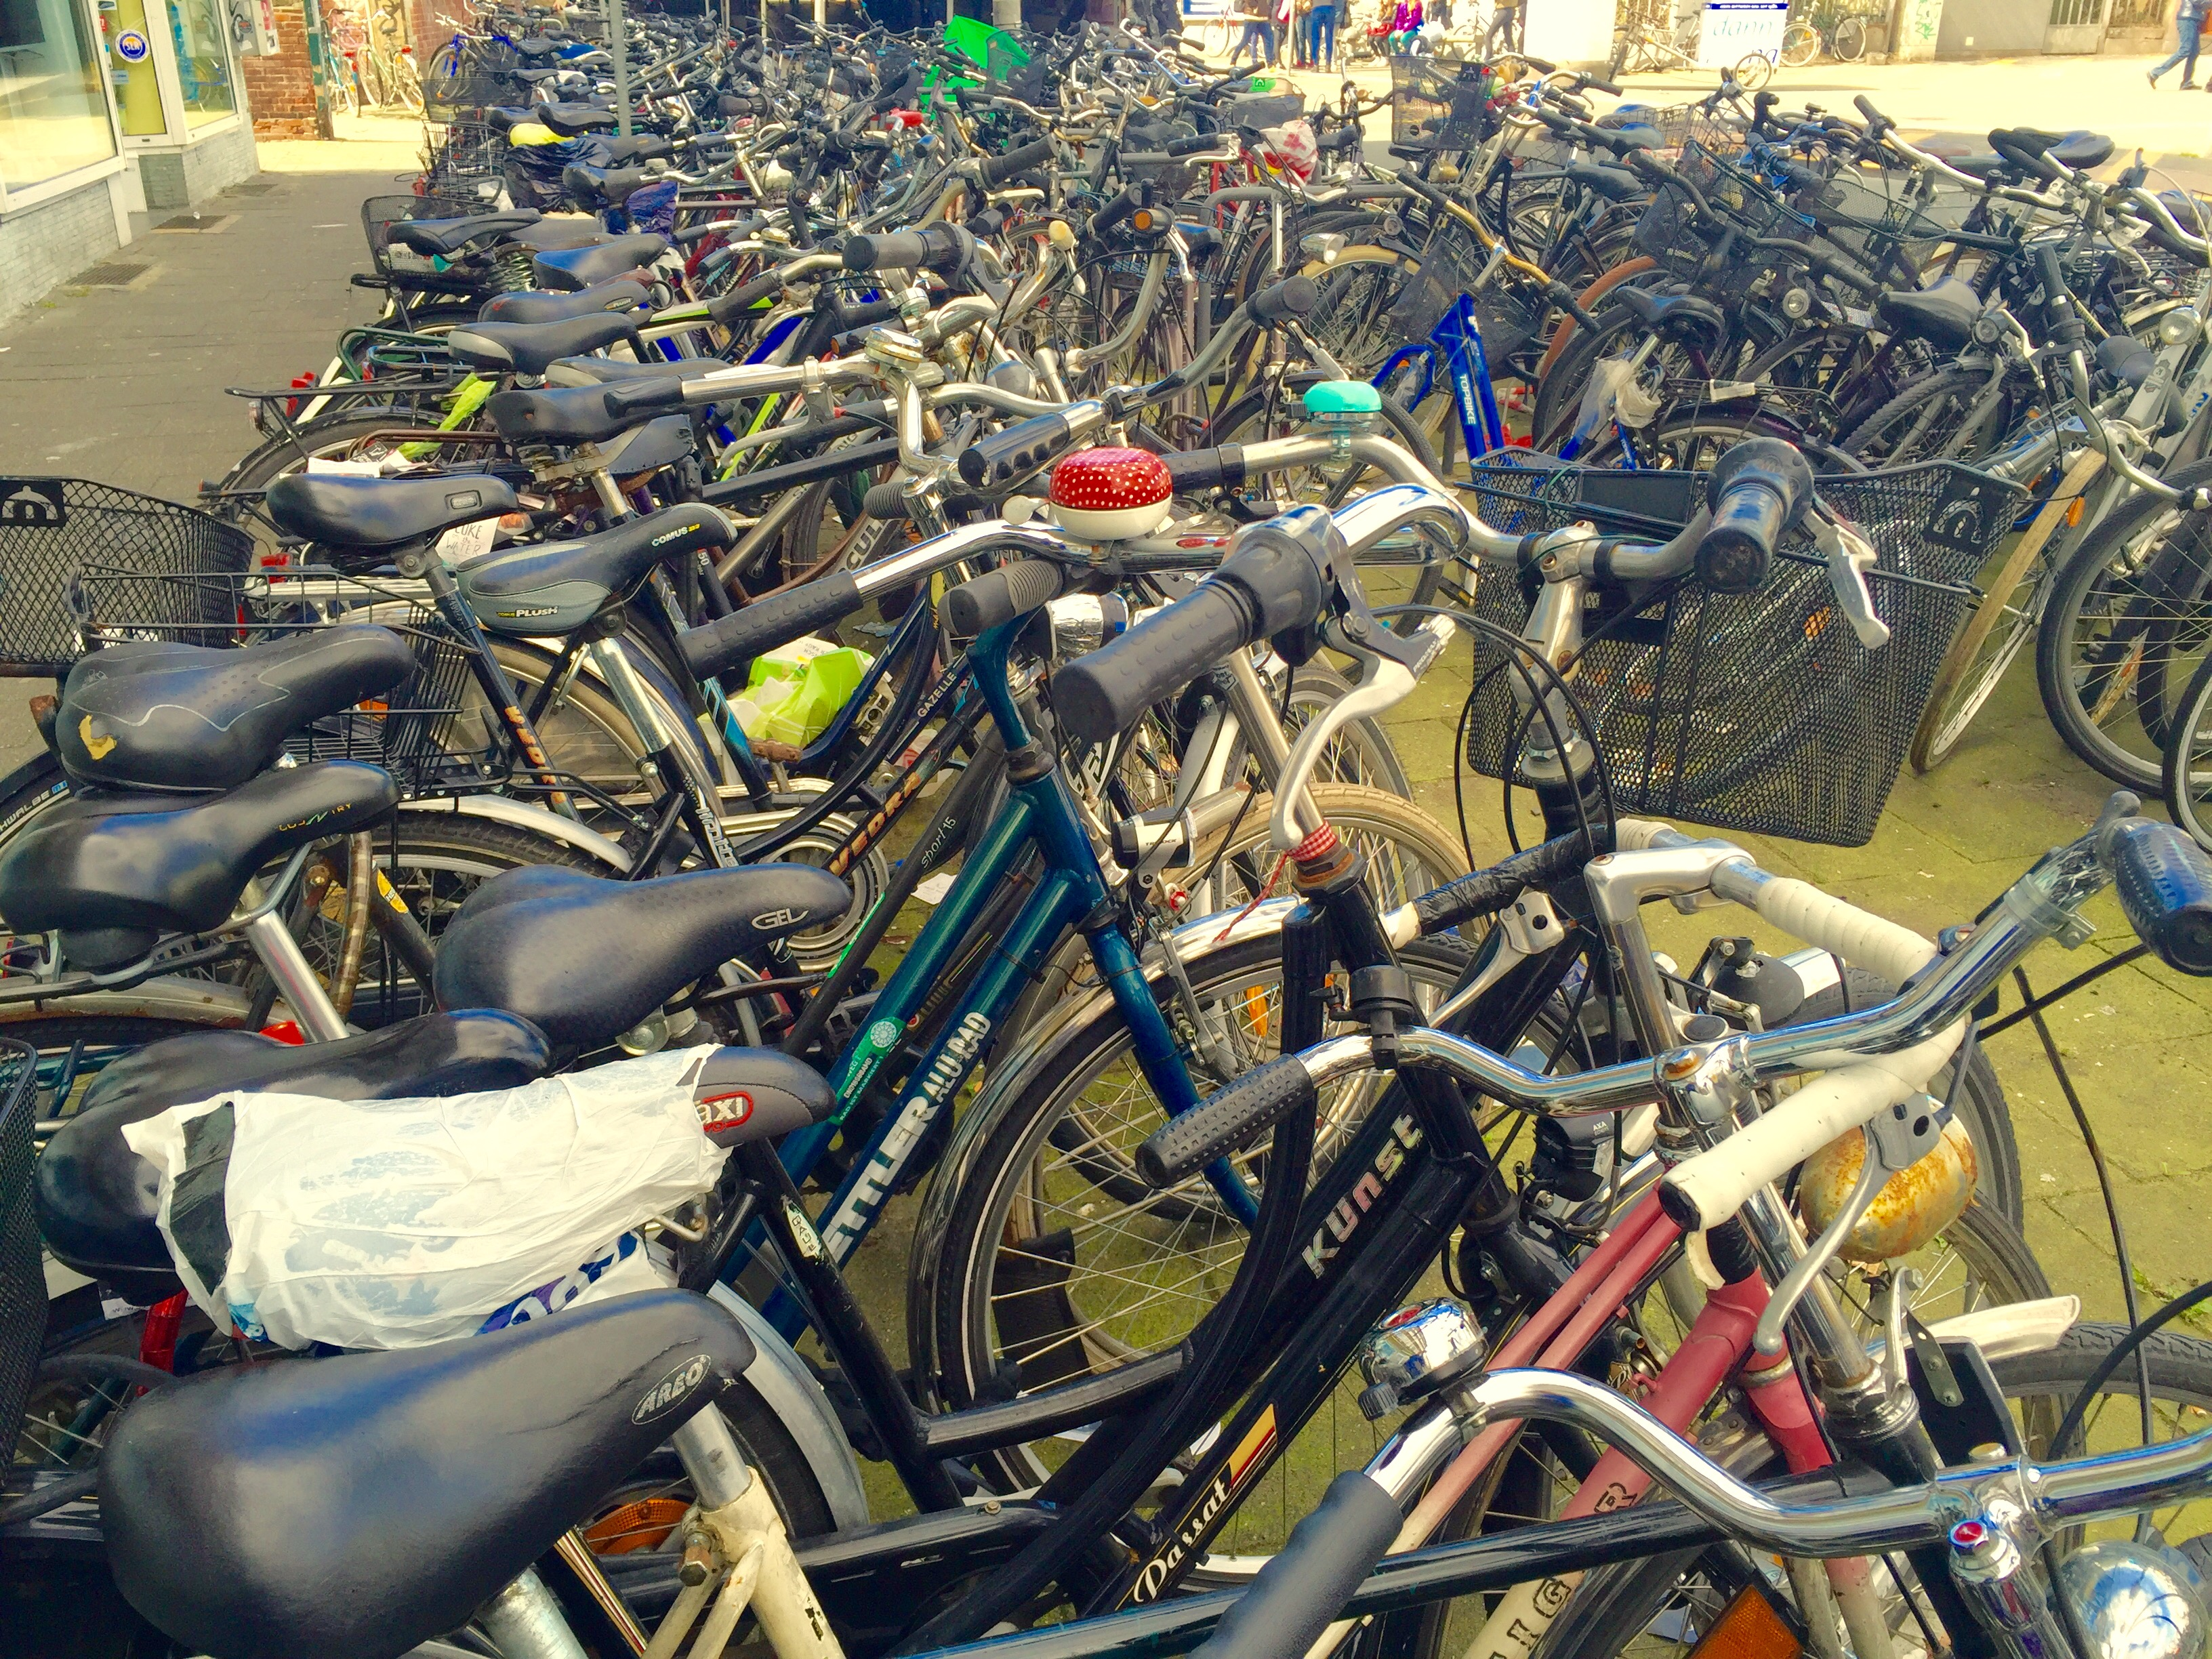 Unterkünfte für Fahrradfahrer in Lippstadt - Einzel-, Doppel- und Mehrbettzimmer